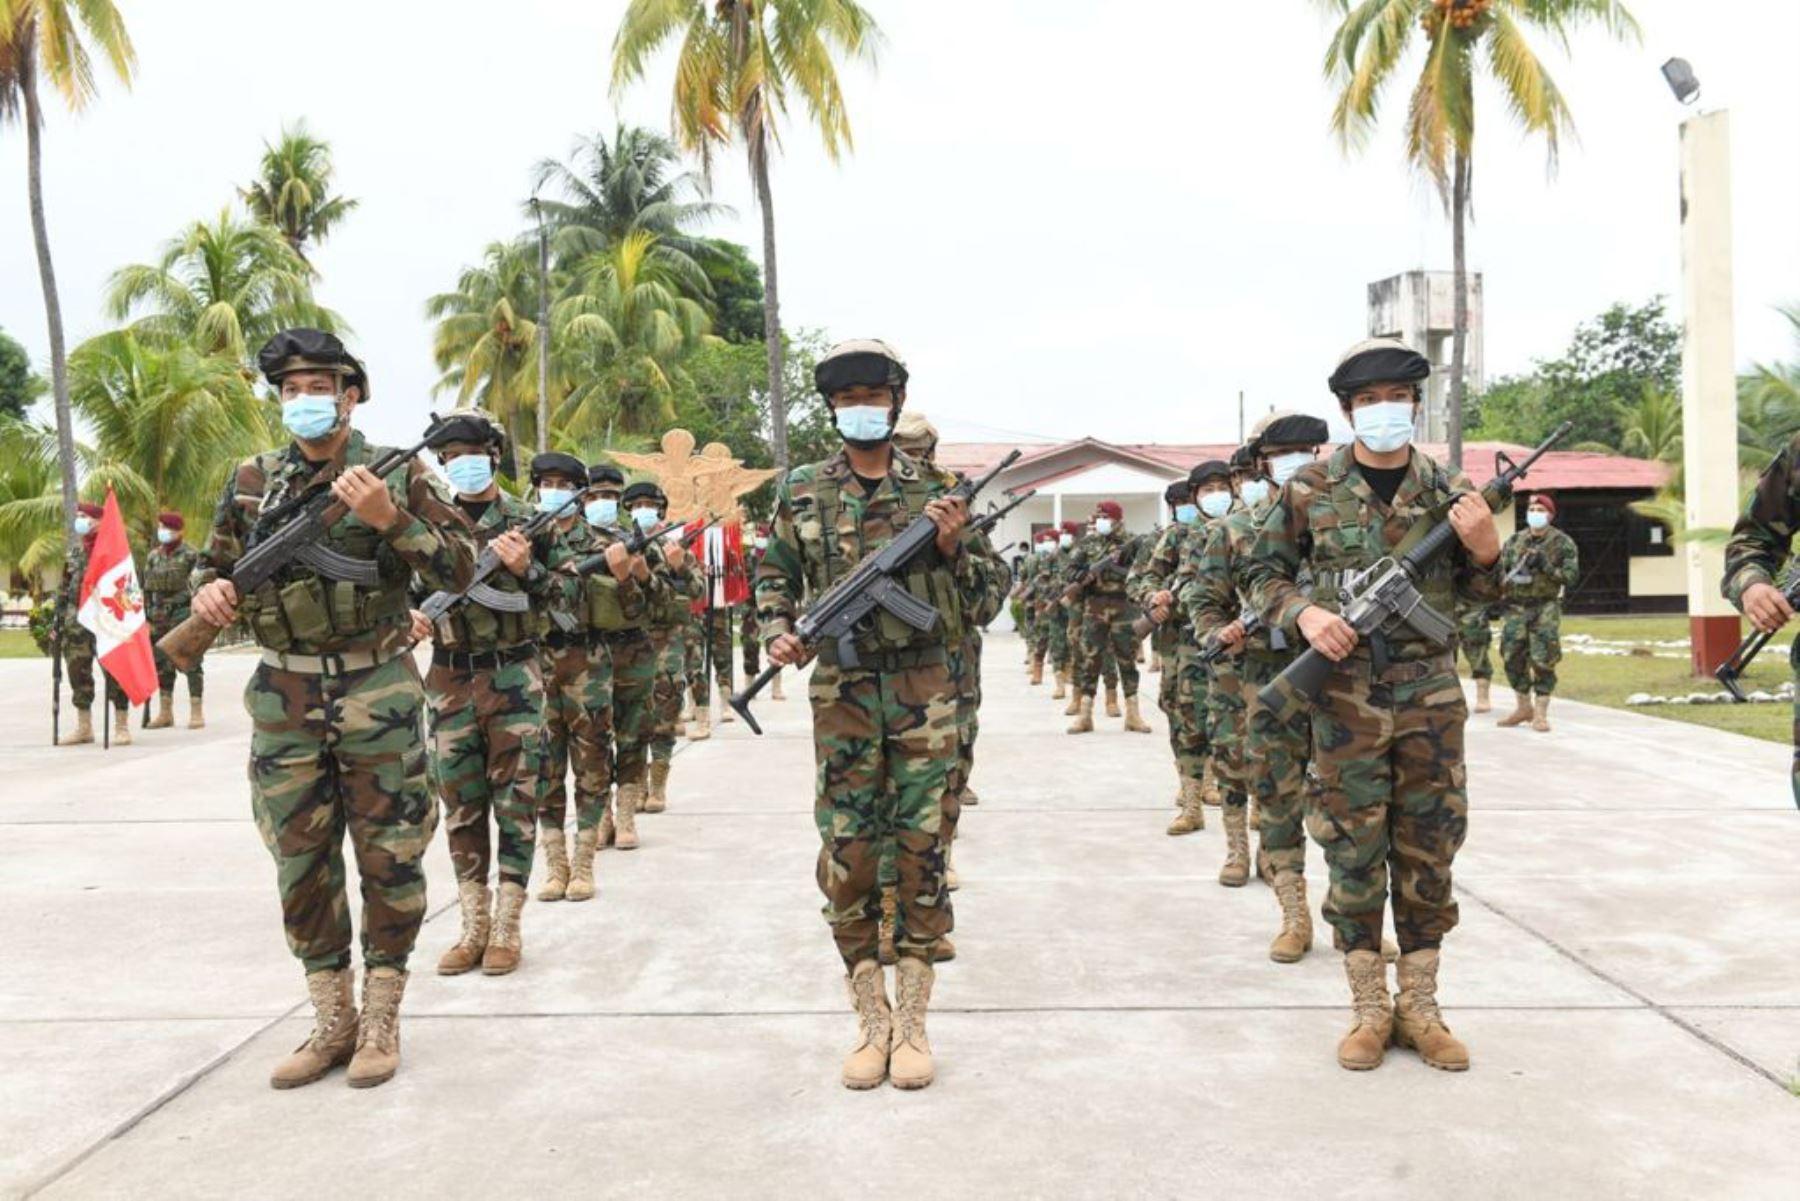 El presidente Francisco Sagasti y el ministro del Interior, José Elice, participan en la ceremonia de donación de 17 toneladas de explosivos por parte de la Sucamec a la Dirandro. Foto: Mininter